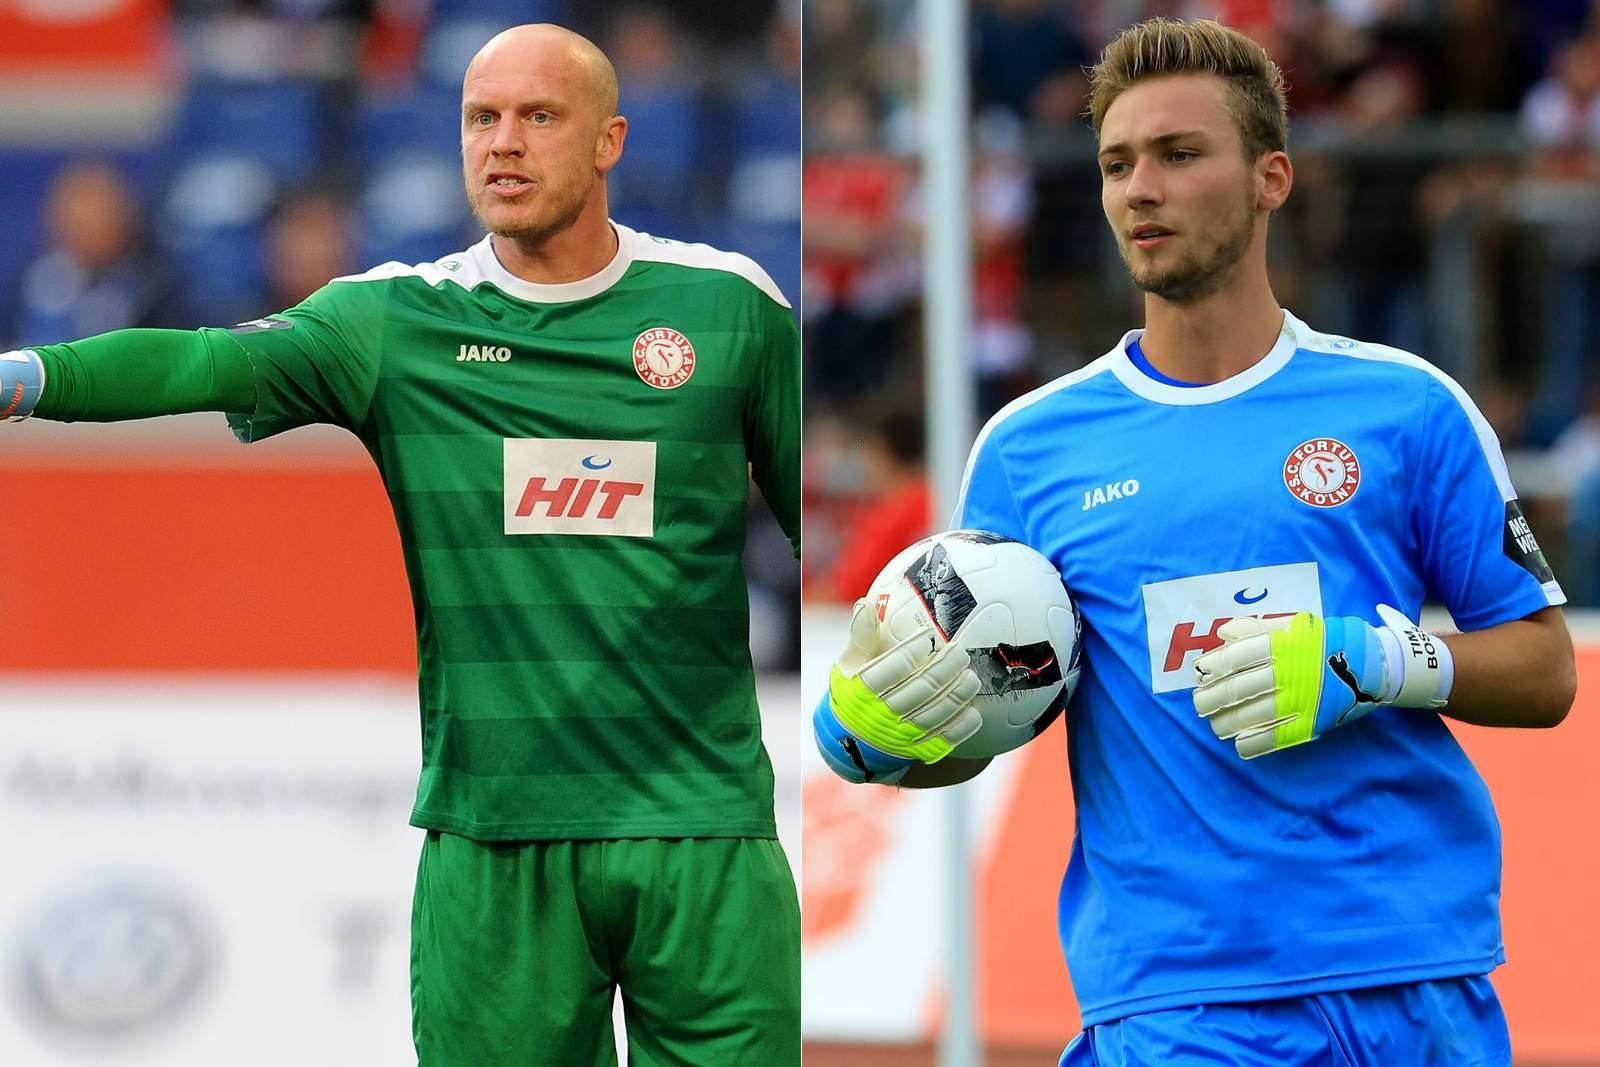 André Poggenborg und Tim Boss, das Torhüter-Duo des SC Fortuna Köln.